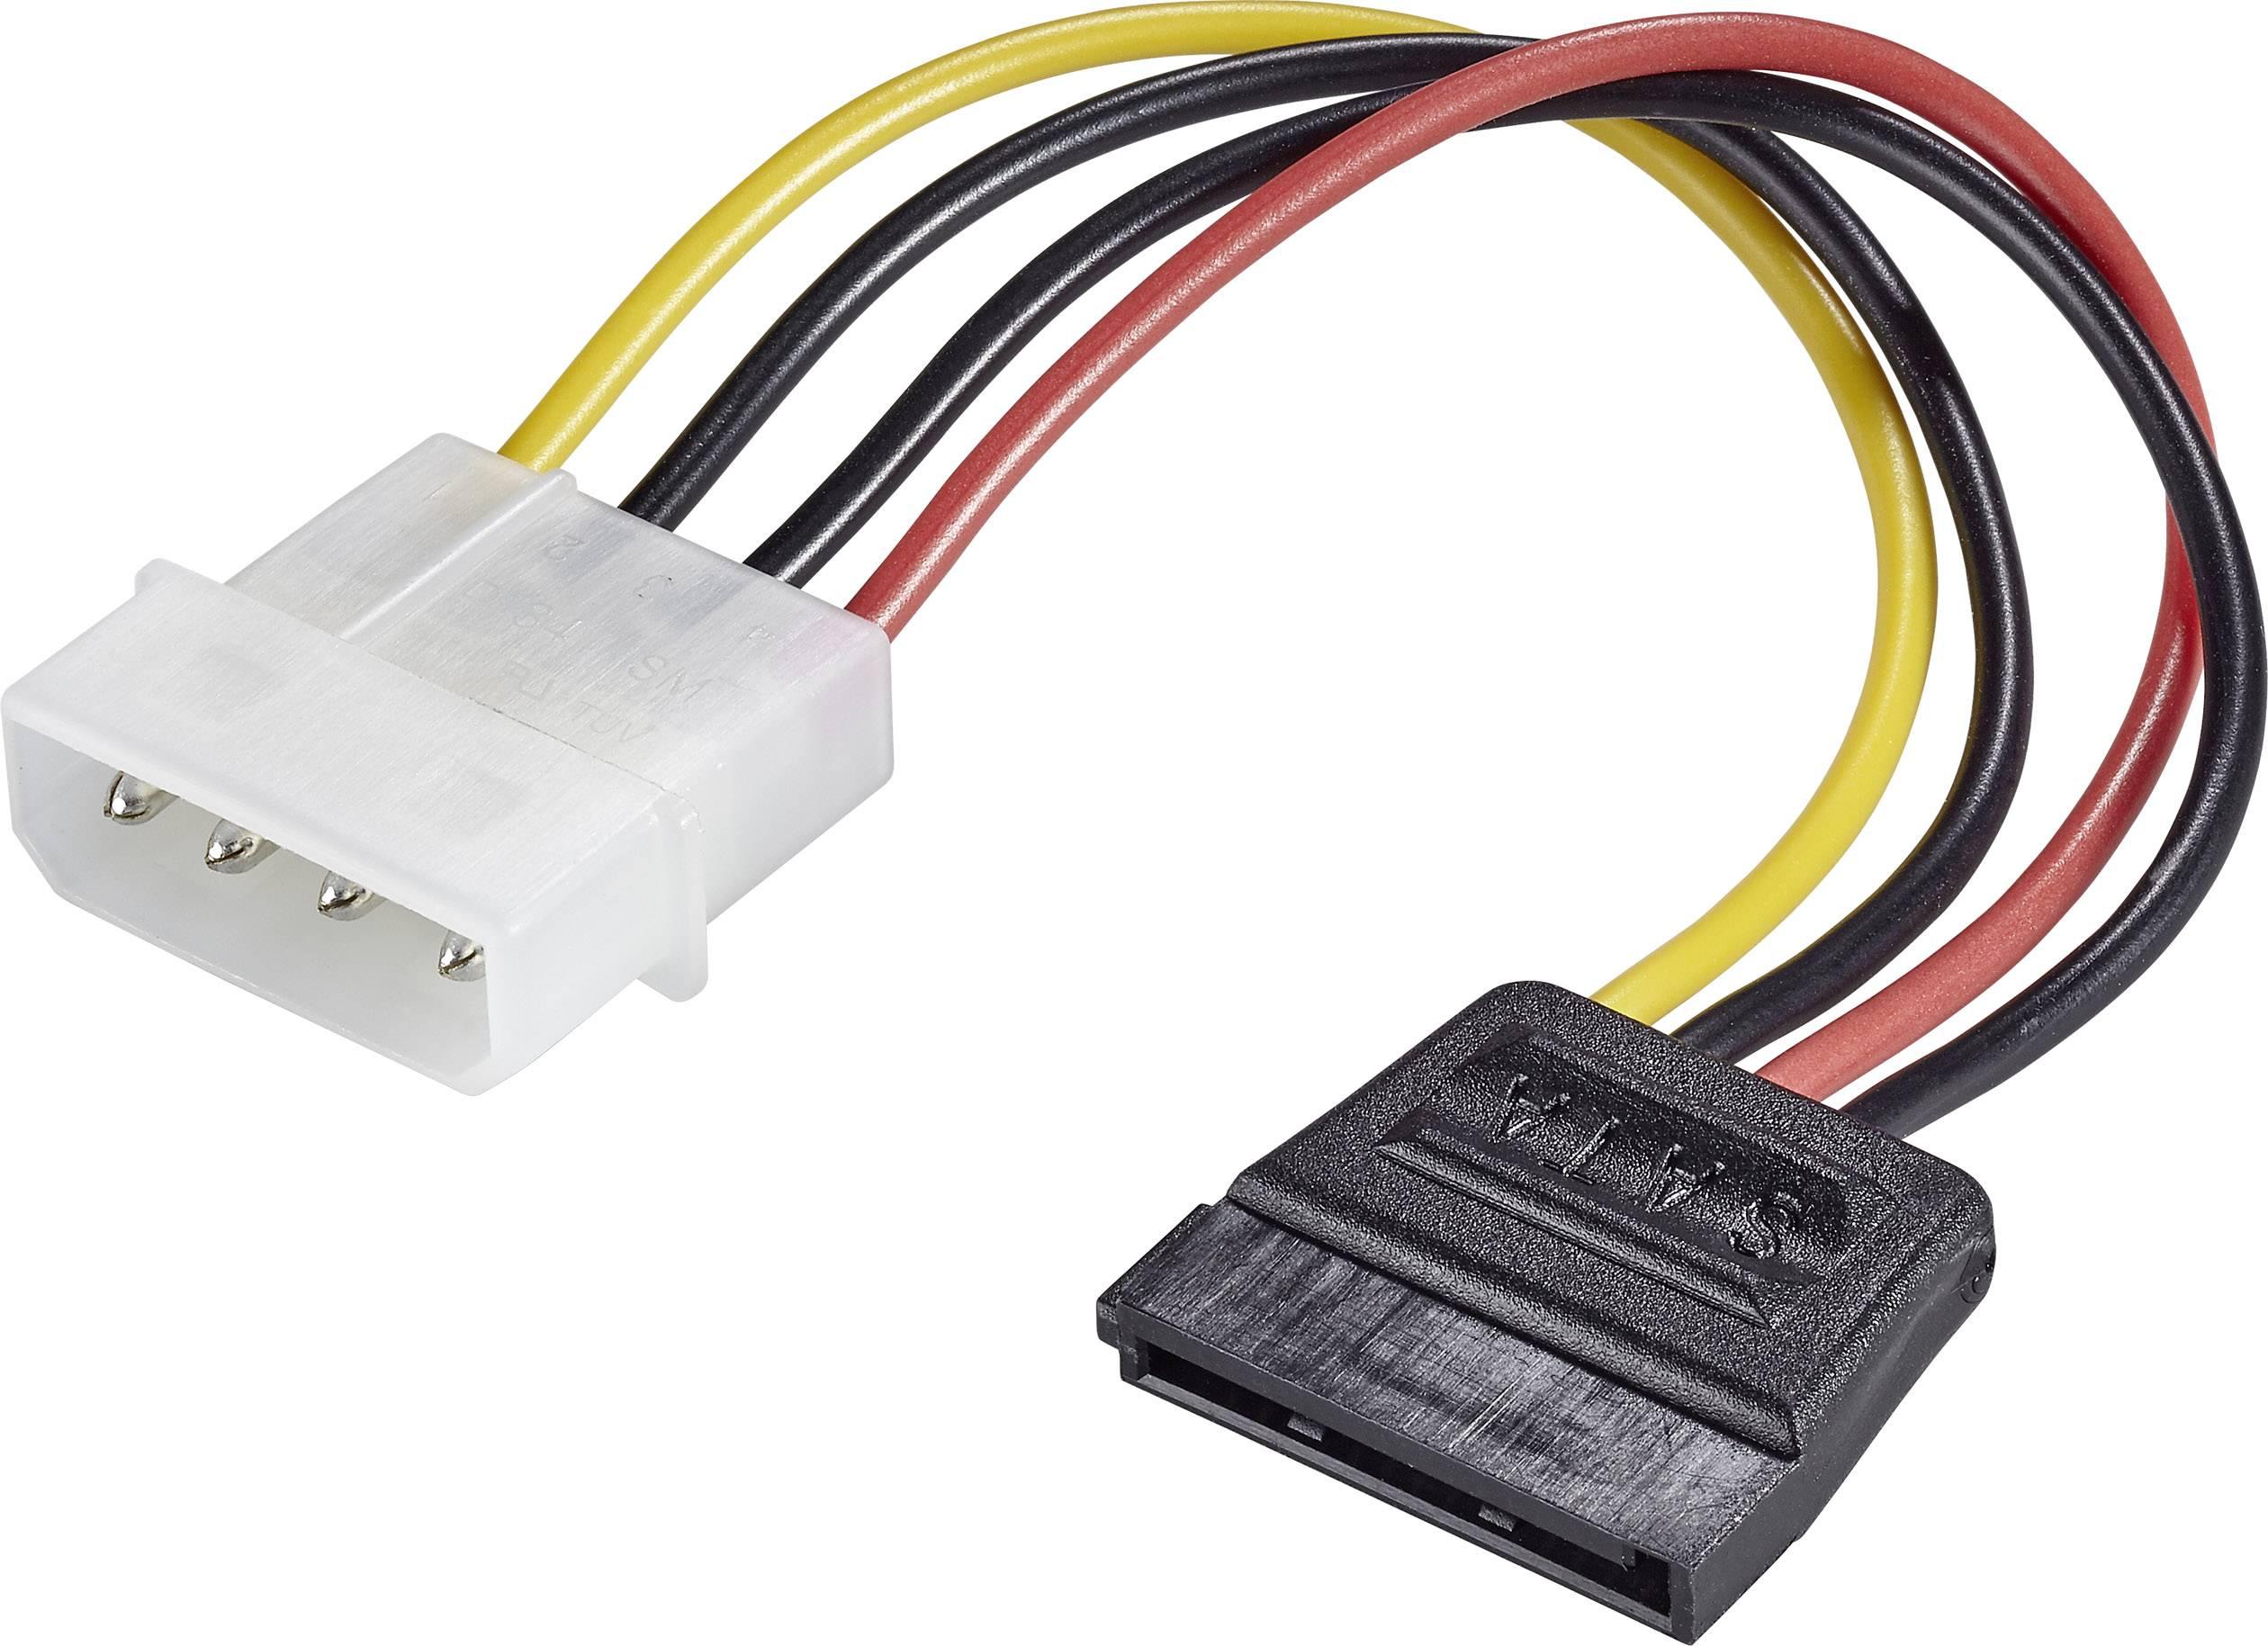 IDE, SATA adaptér Renkforce RF-4174632, čierna, červená, žltá